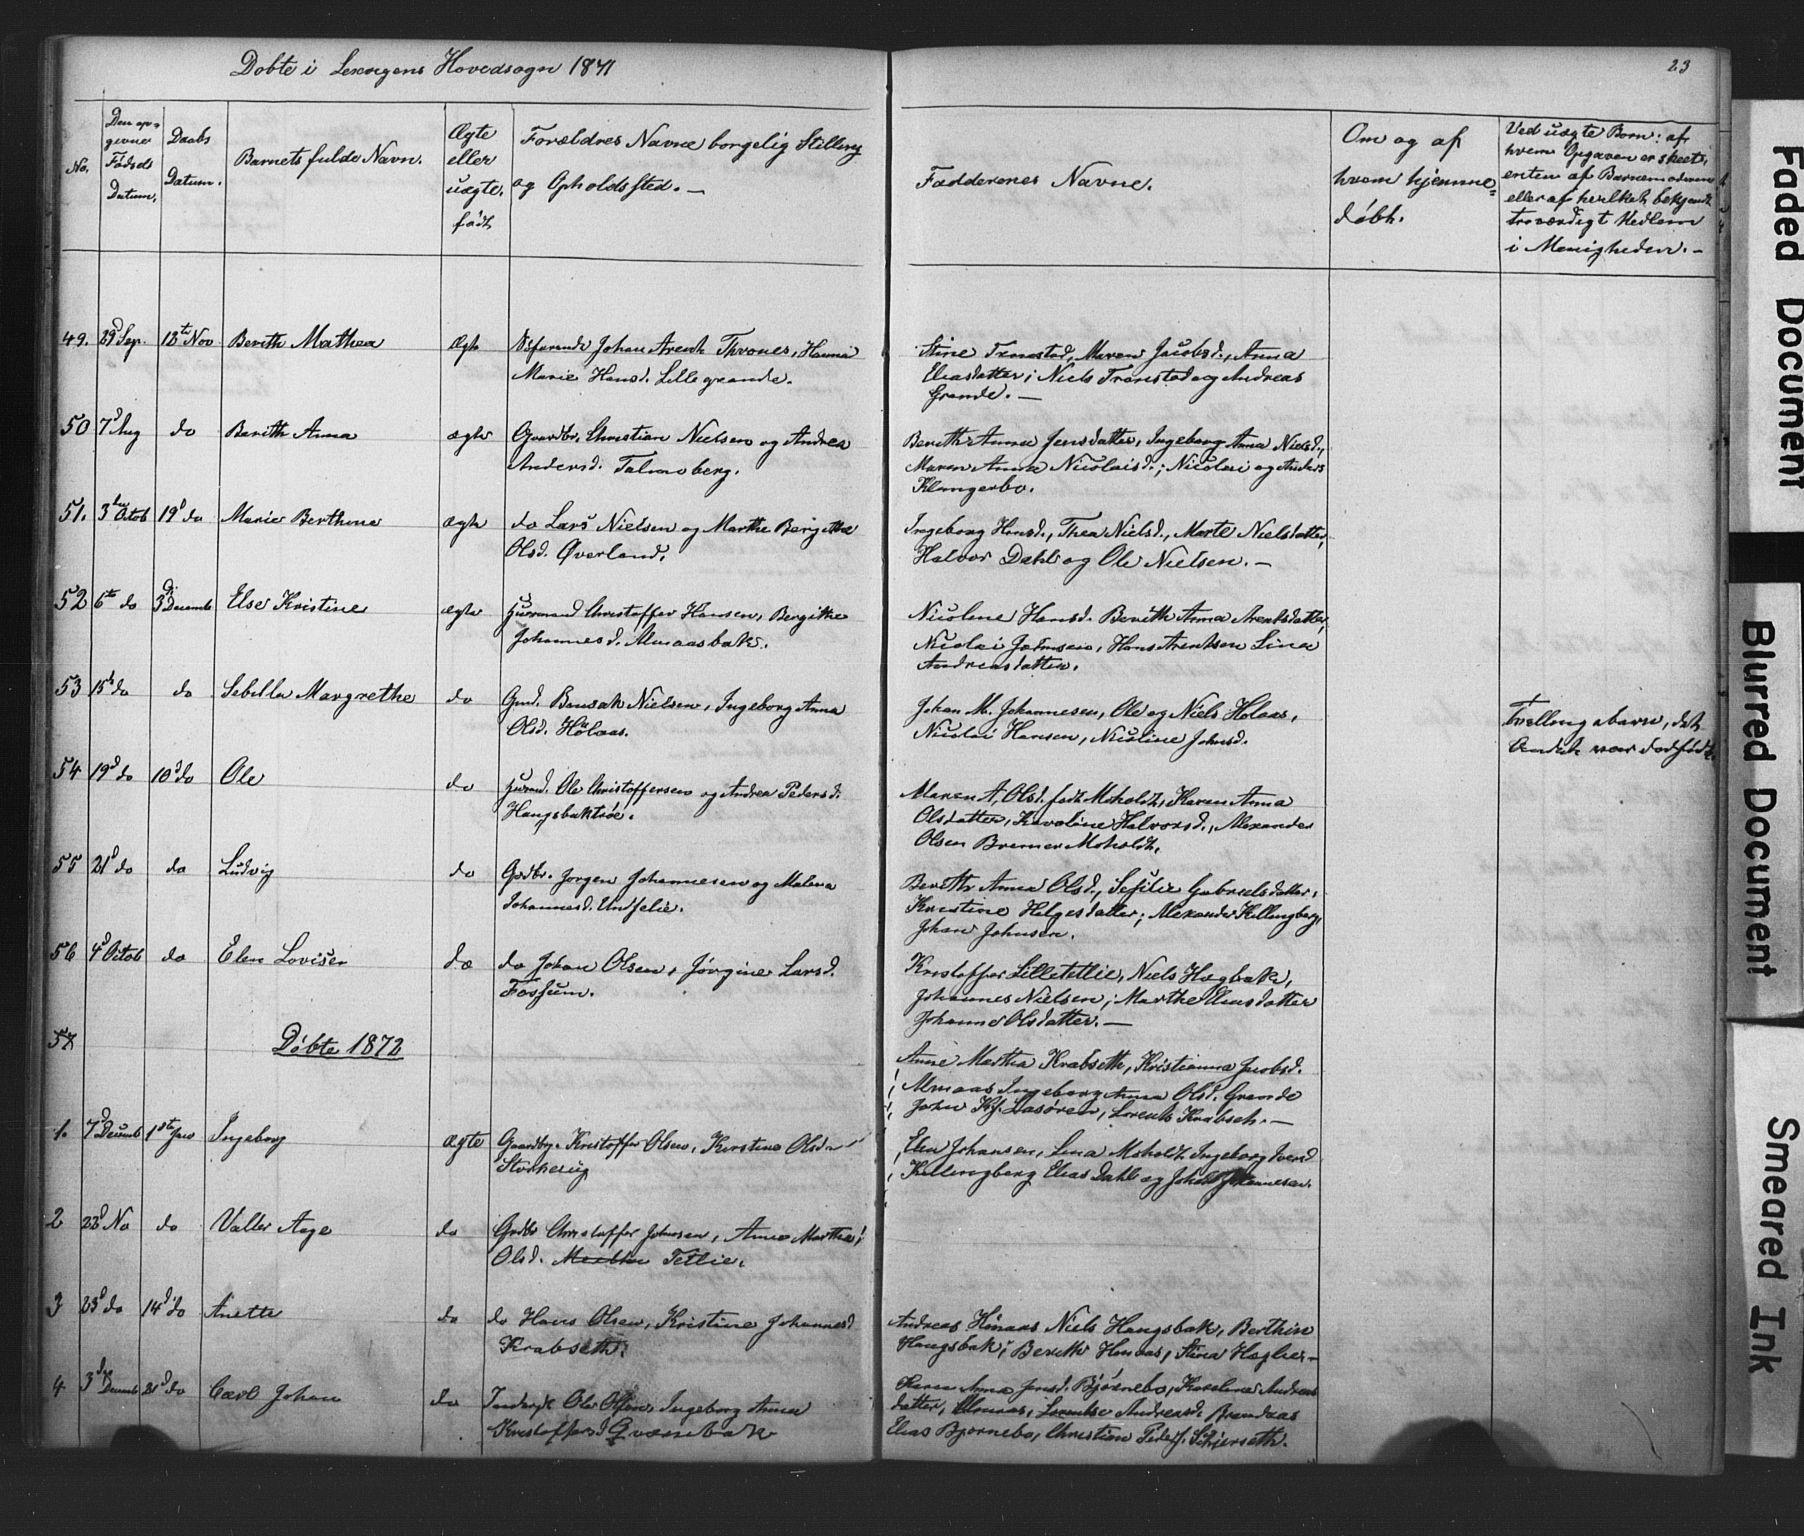 SAT, Ministerialprotokoller, klokkerbøker og fødselsregistre - Nord-Trøndelag, 701/L0018: Klokkerbok nr. 701C02, 1868-1872, s. 23